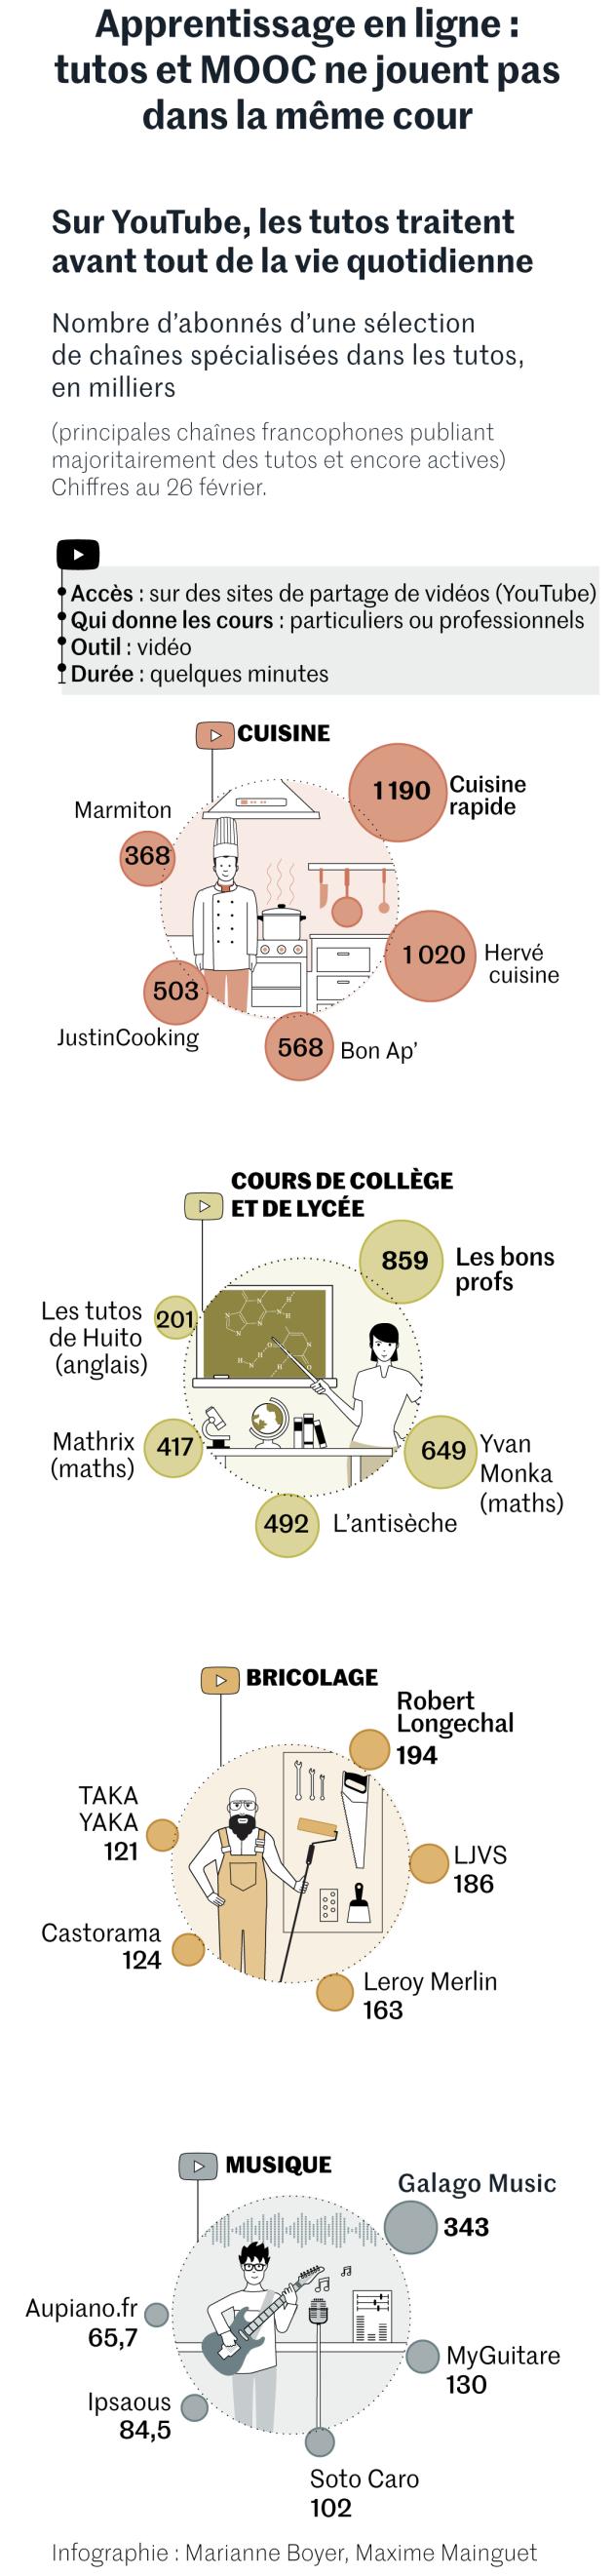 """""""La bataille de l'apprentissage 2.0 : les tutos font la nique aux MOOC"""""""